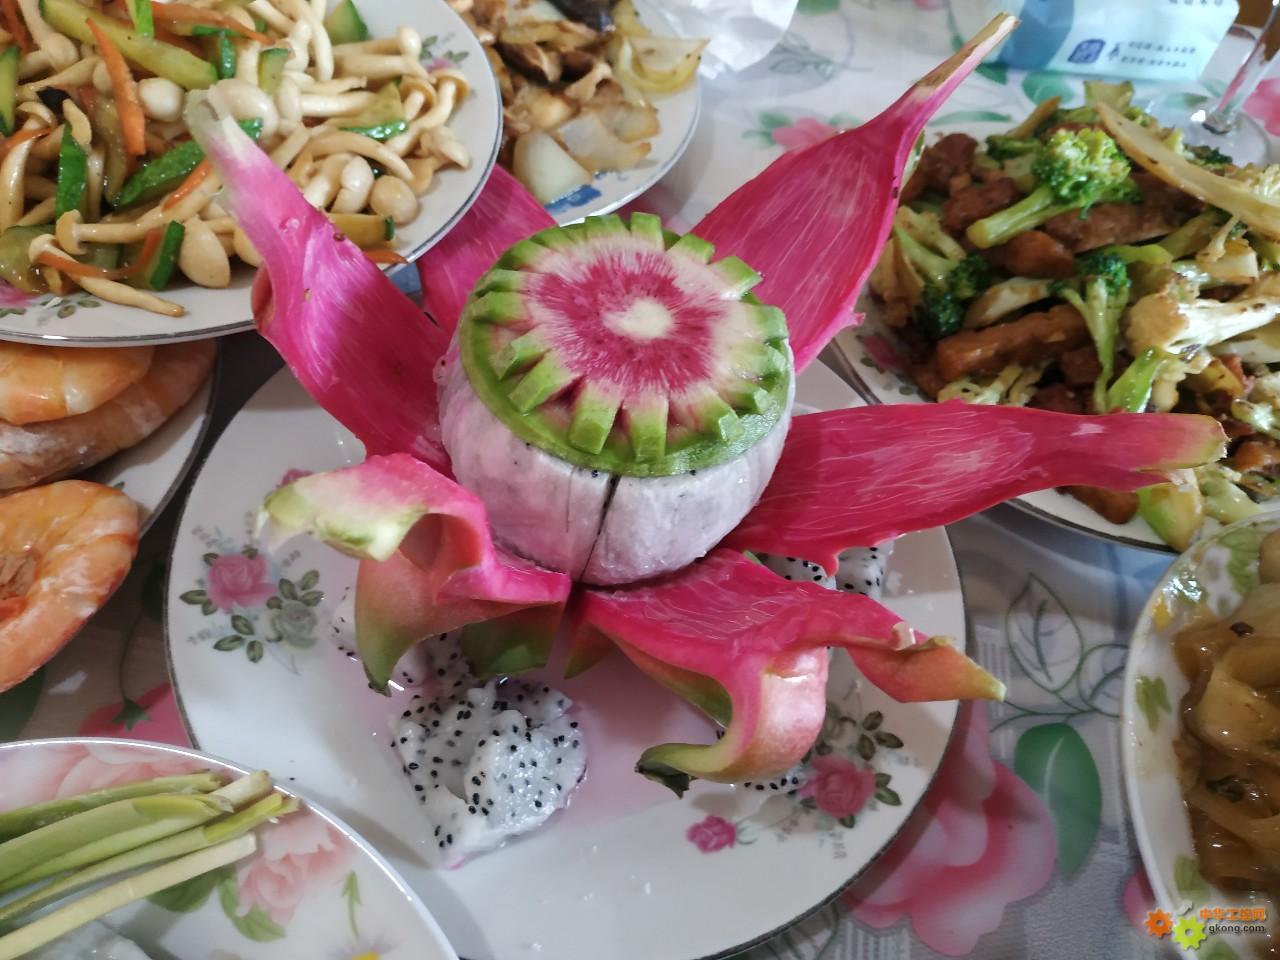 【2020春节】宅在家里,我做了一桌饭菜